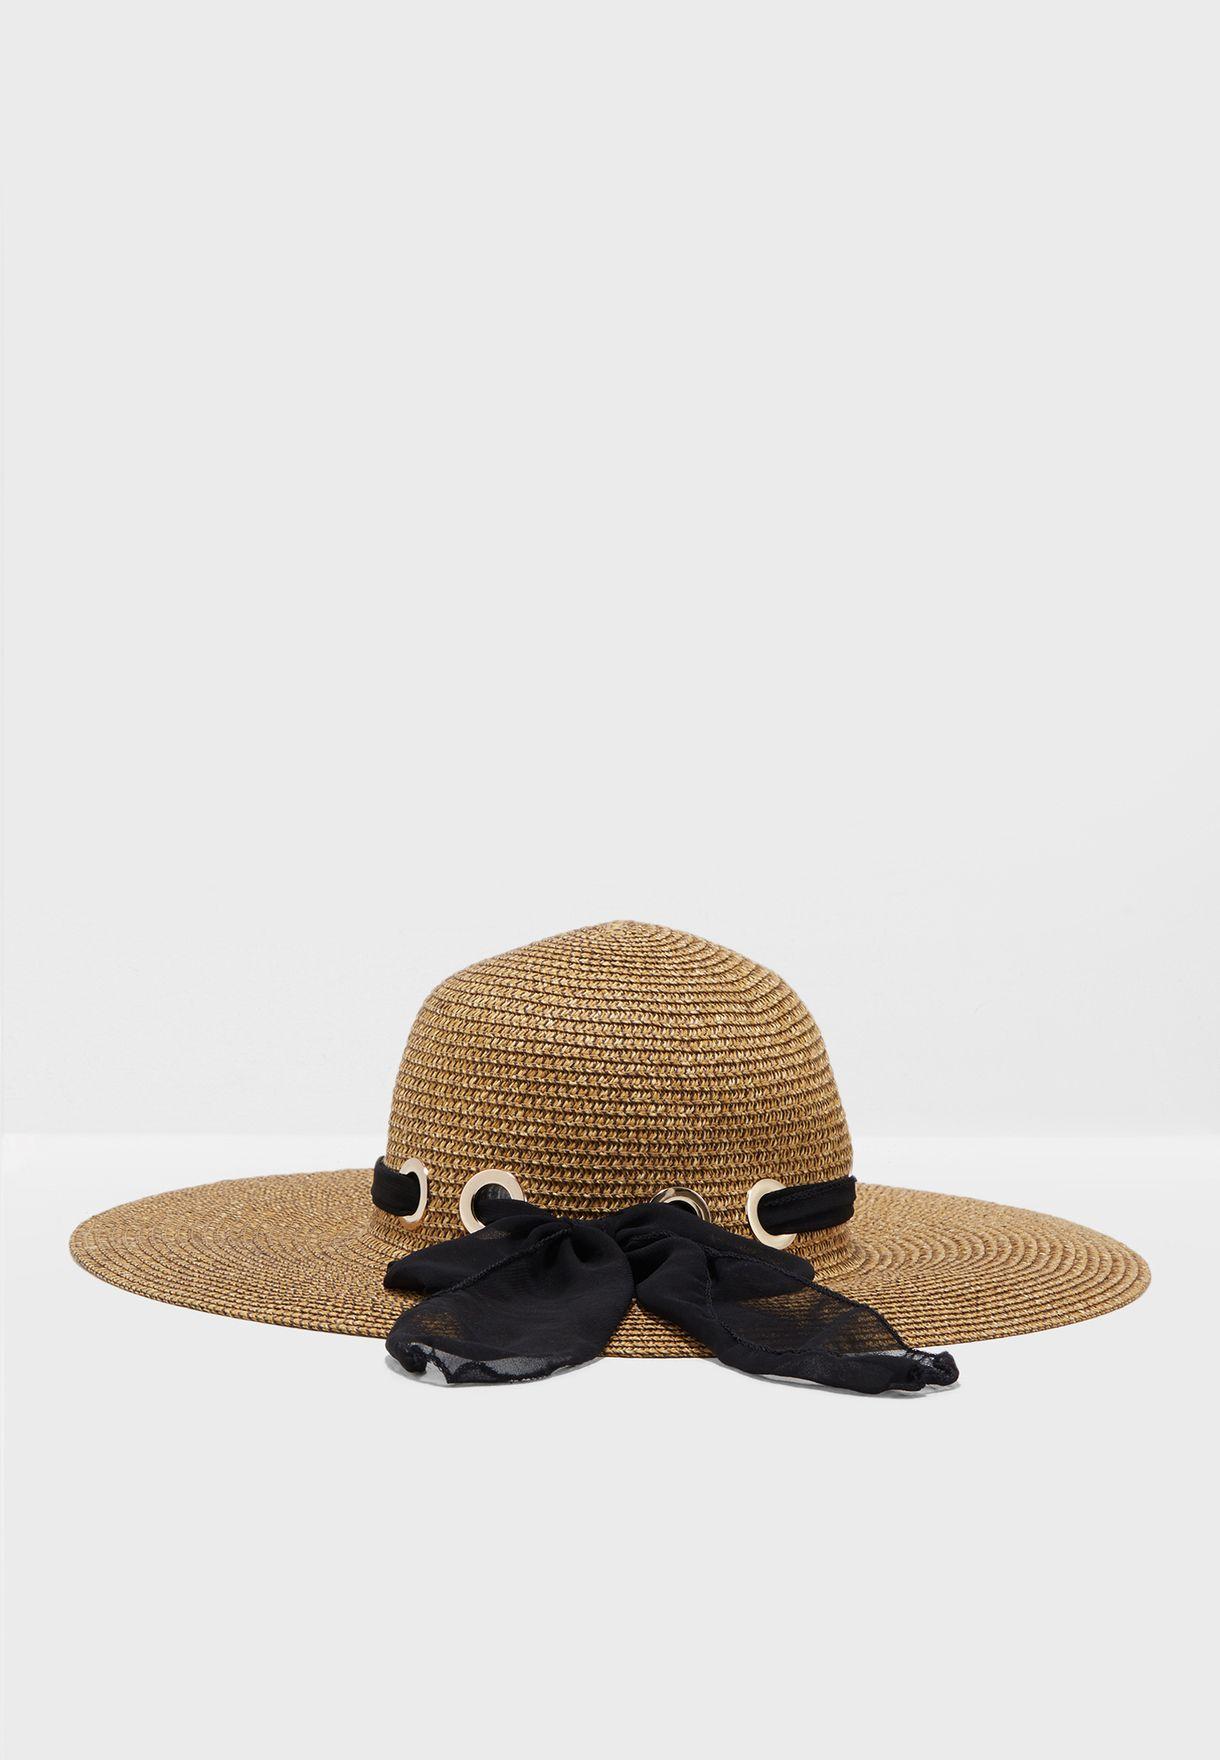 Maclellan Straw Hat